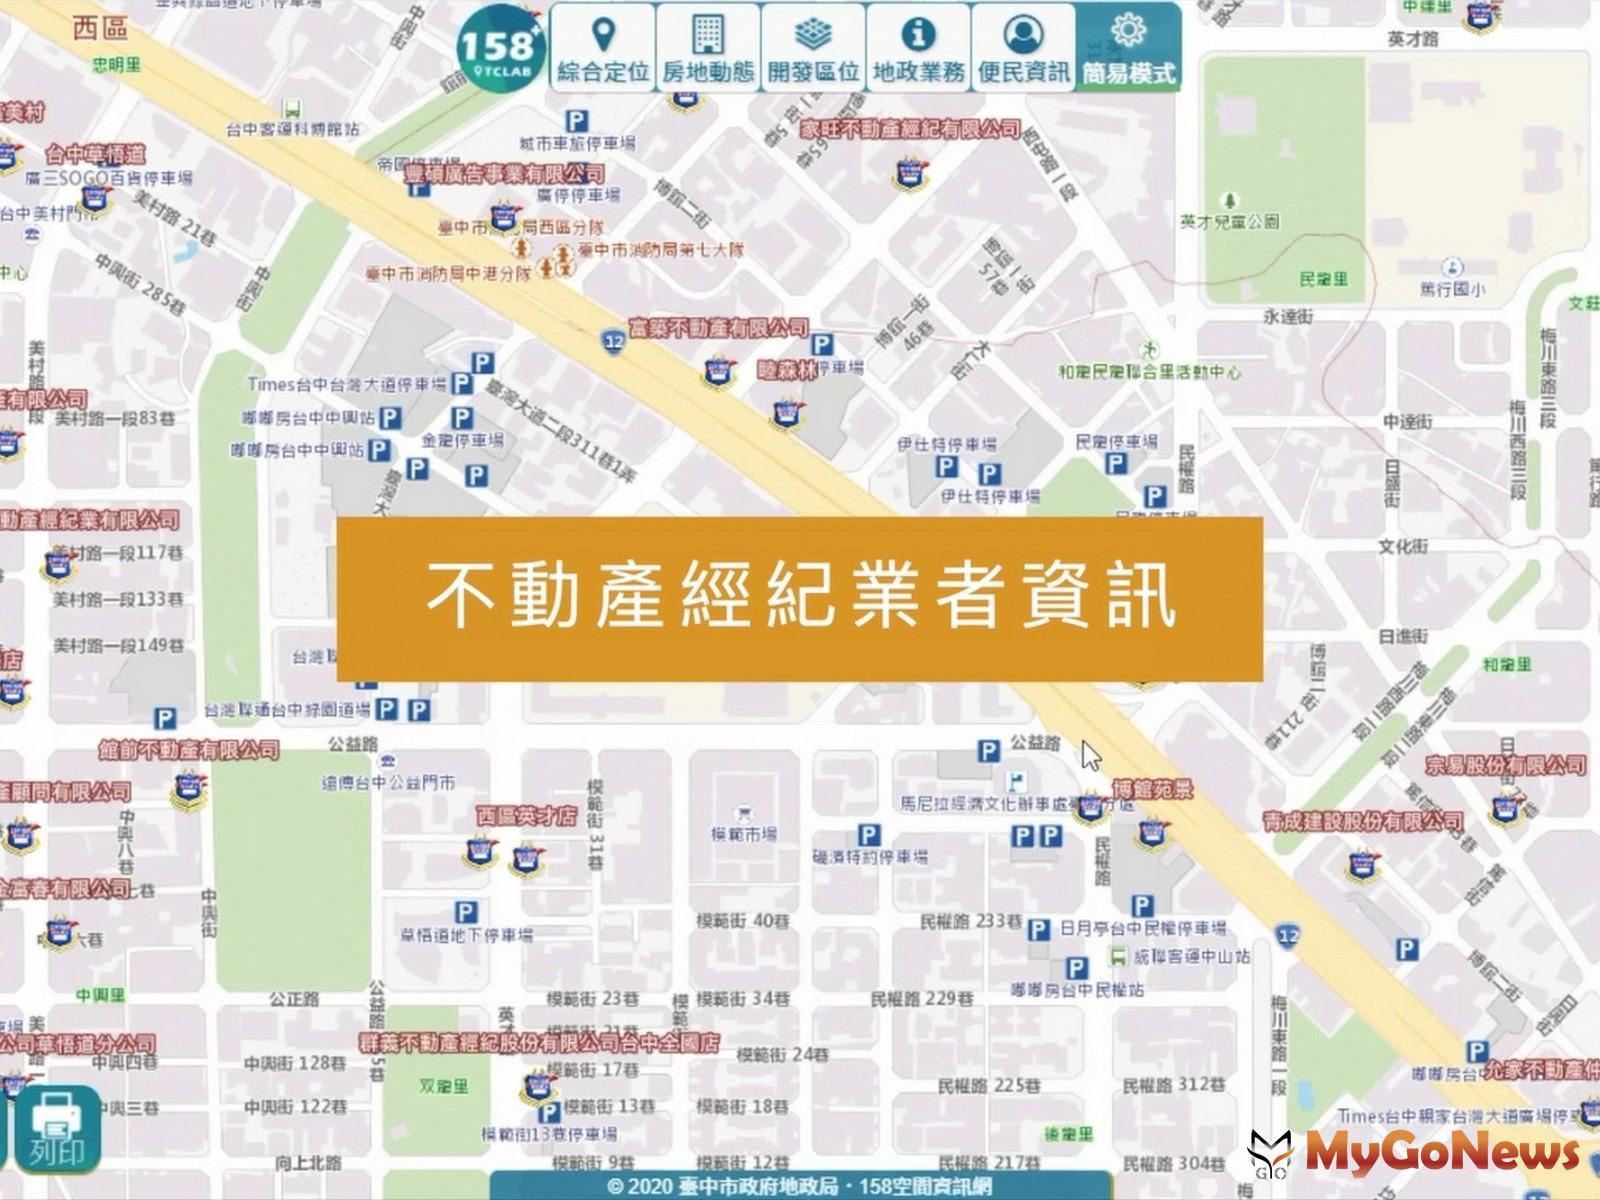 中市府推「158+空間資訊網」 地政資訊查詢更方便(圖:台中市政府) MyGoNews房地產新聞 區域情報